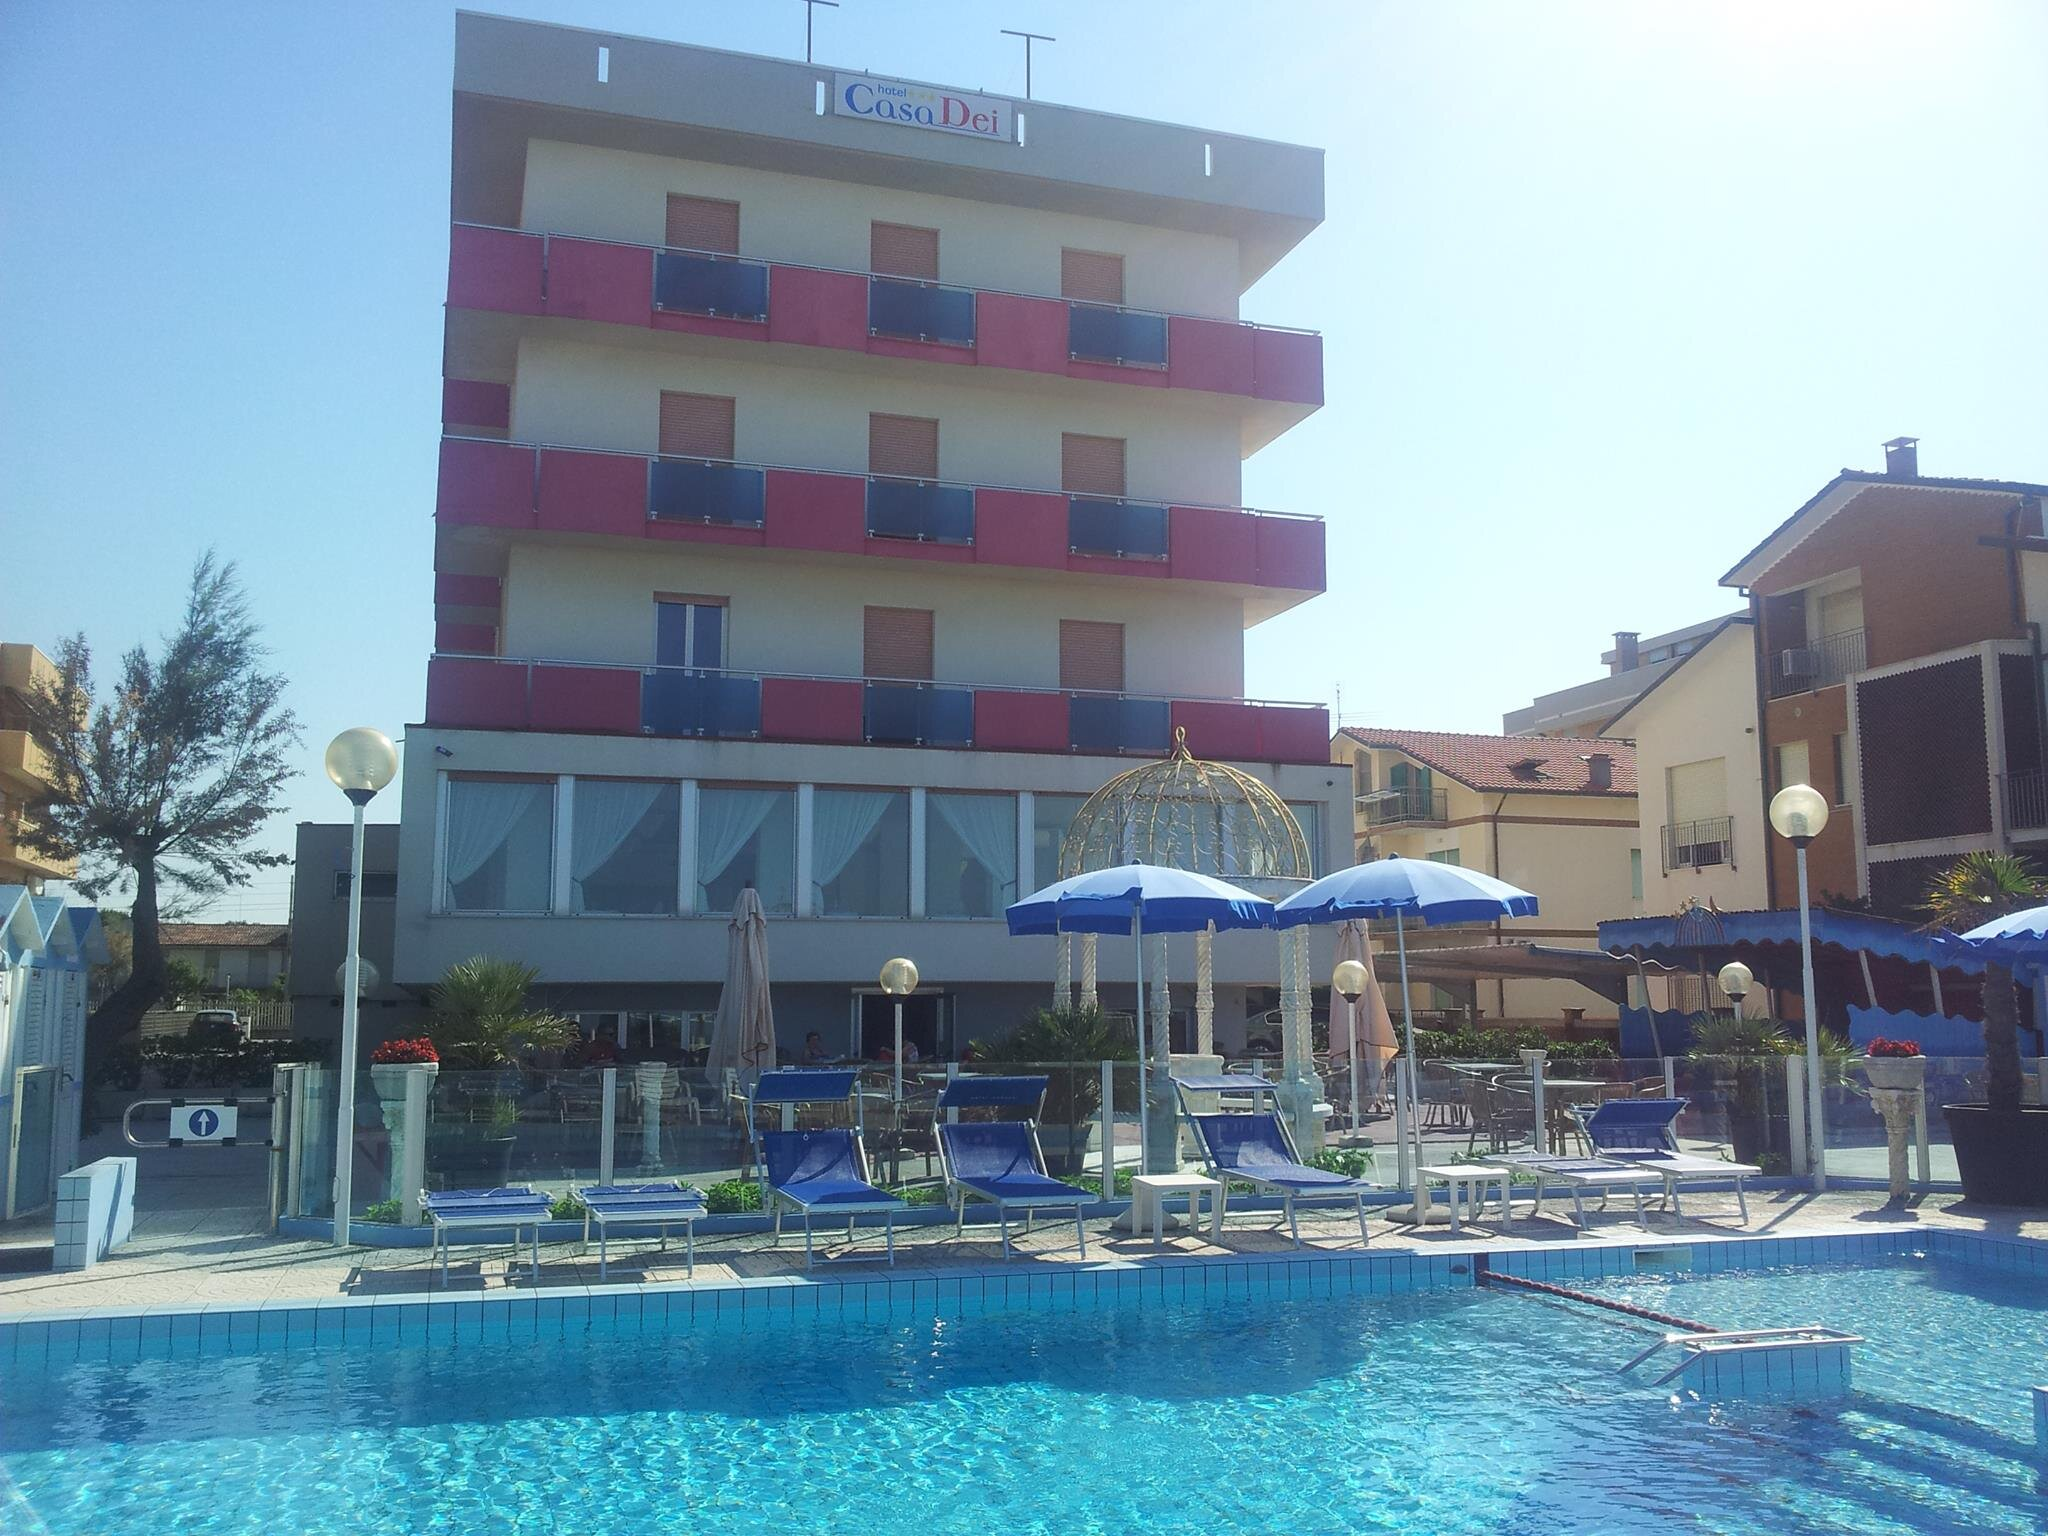 Hotel A Torrette Di Fano Sul Mare